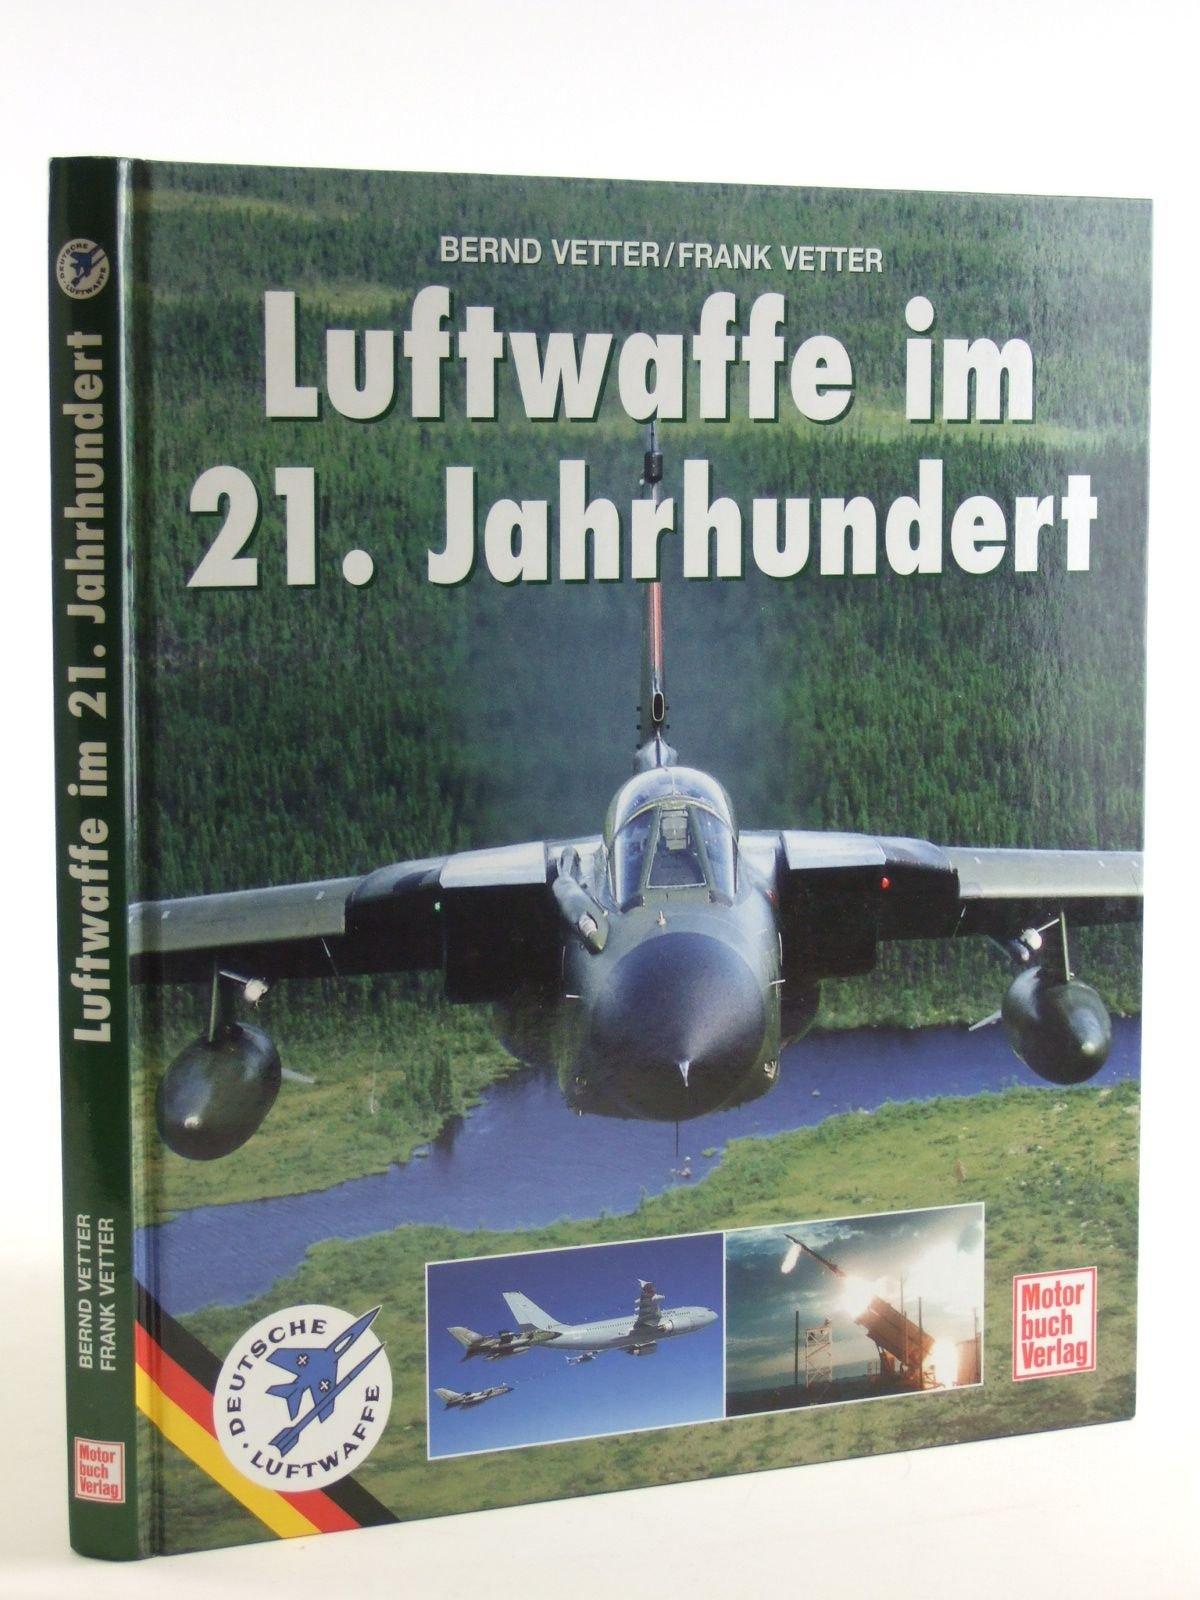 Luftwaffe im 21. Jahrhundert